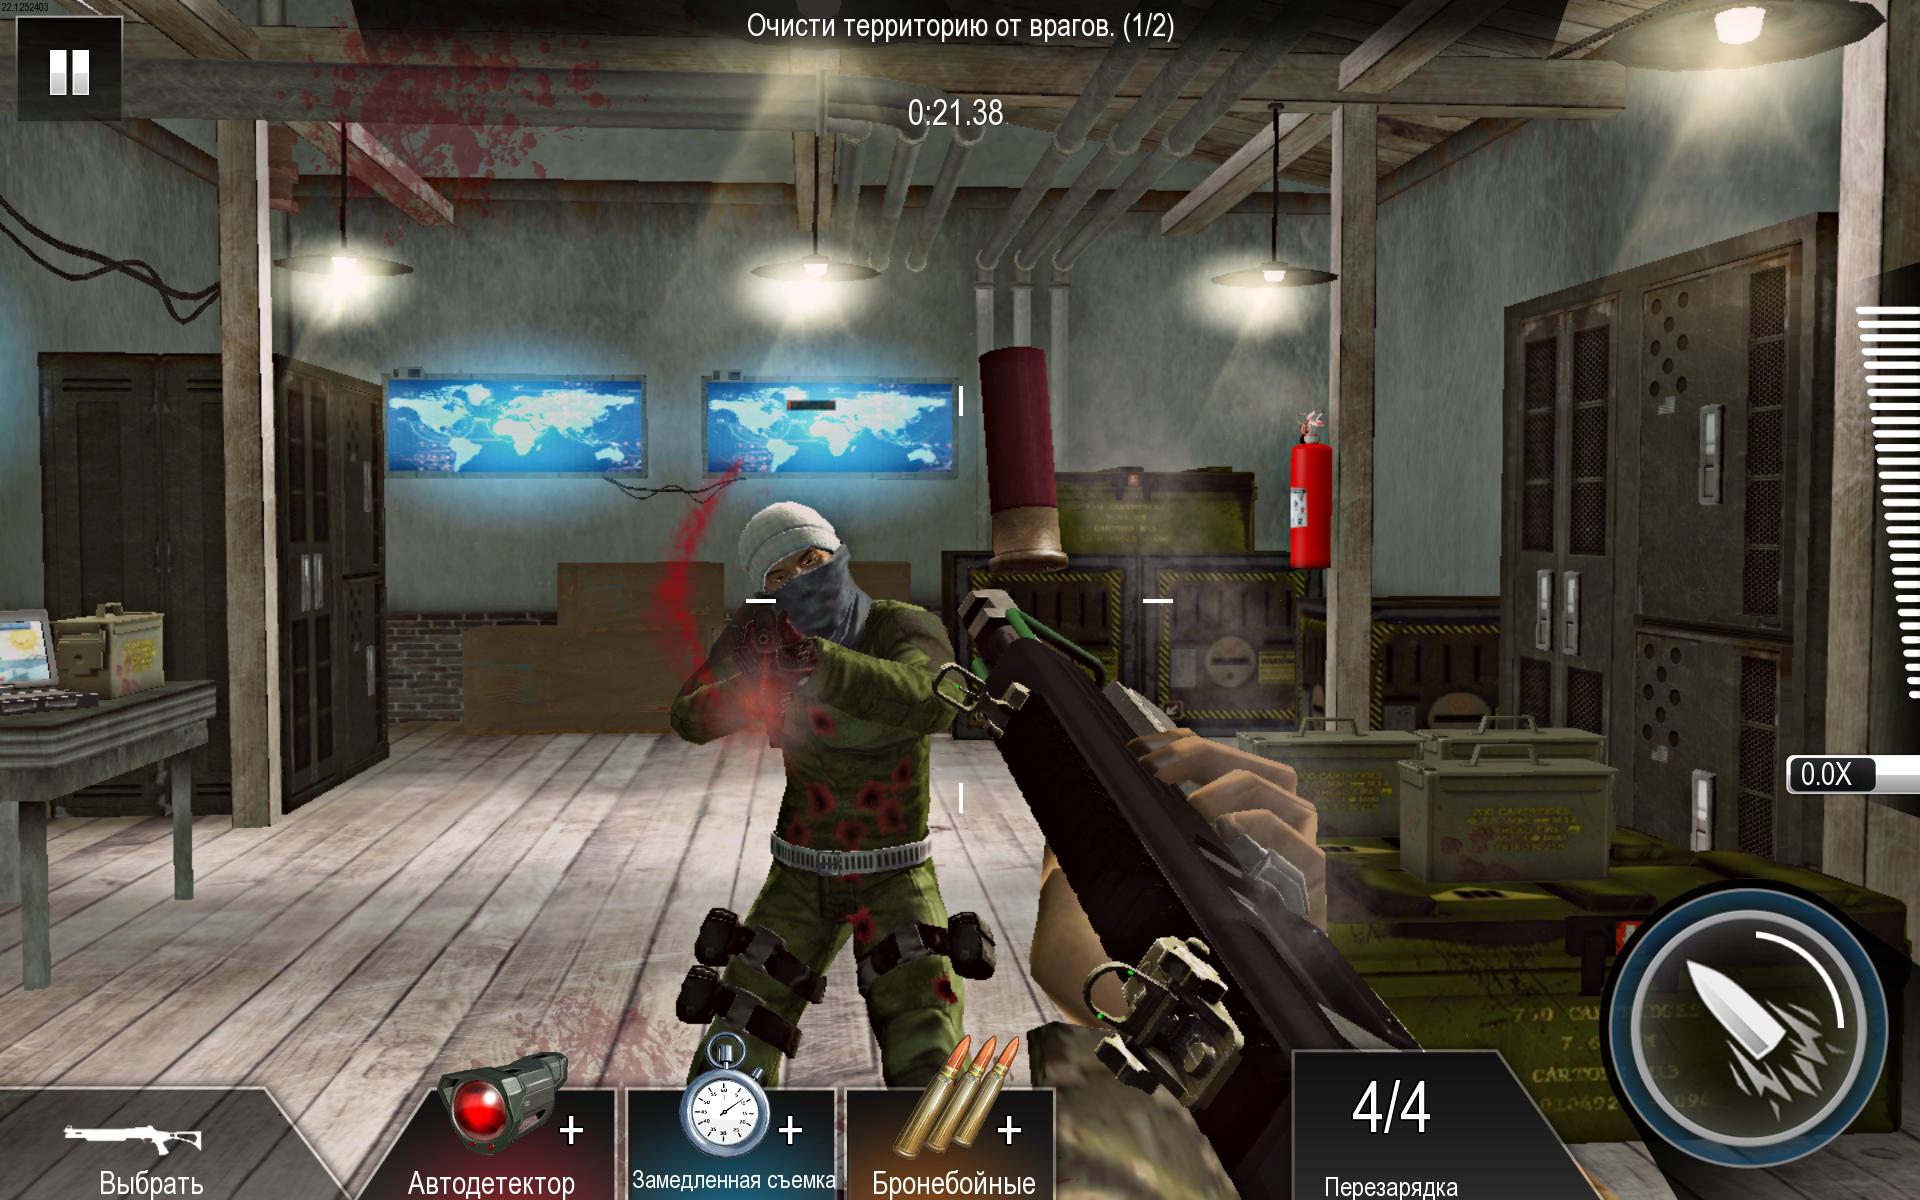 игра за штурмовика в battlefield 4